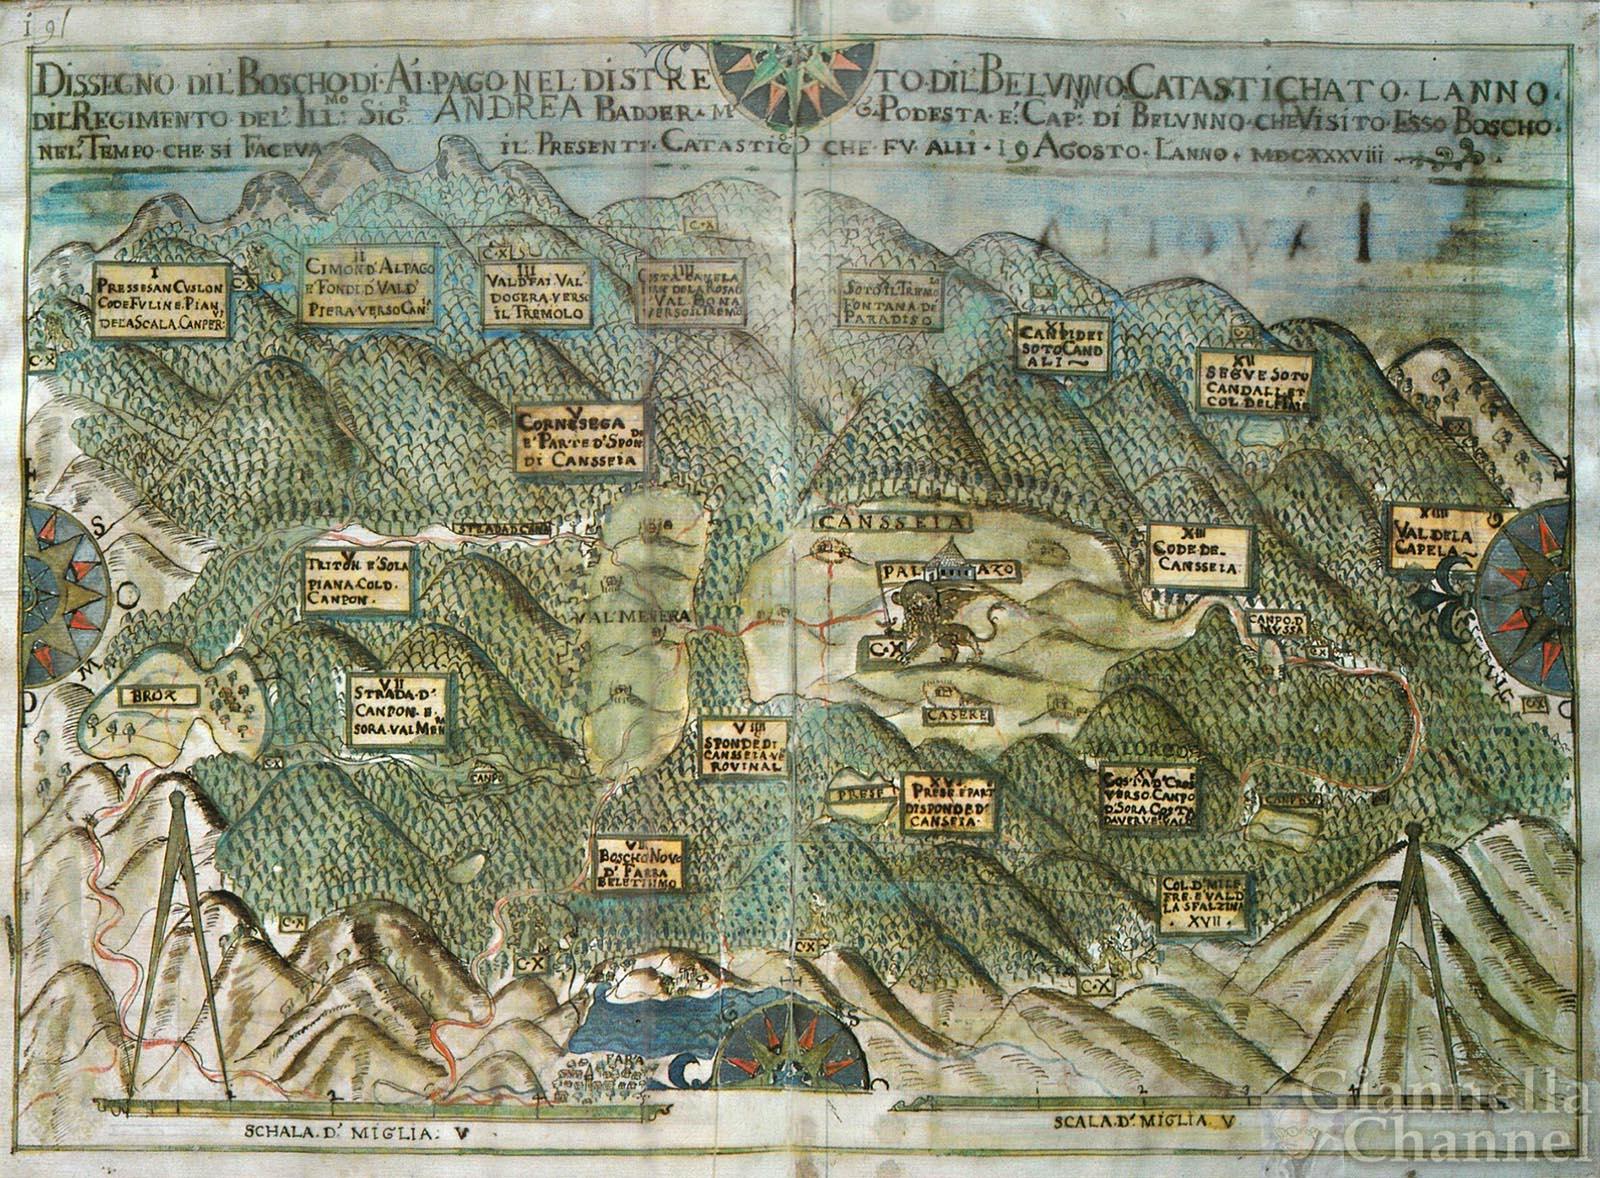 La Serenissima e i boschi